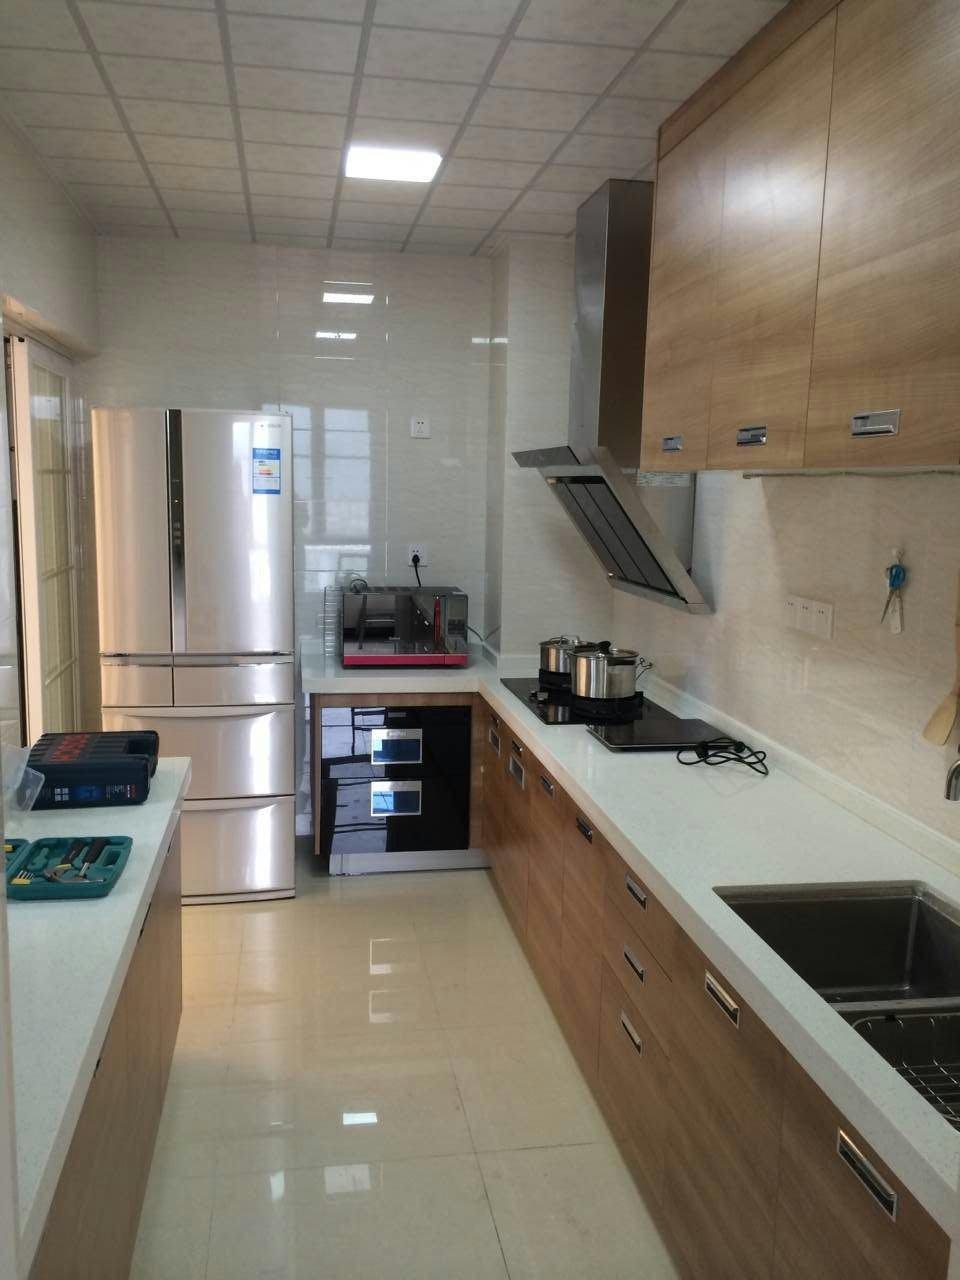 欧式 旧房改造 80后 厨房图片来自fy2365951033在欧式住宅空间的分享